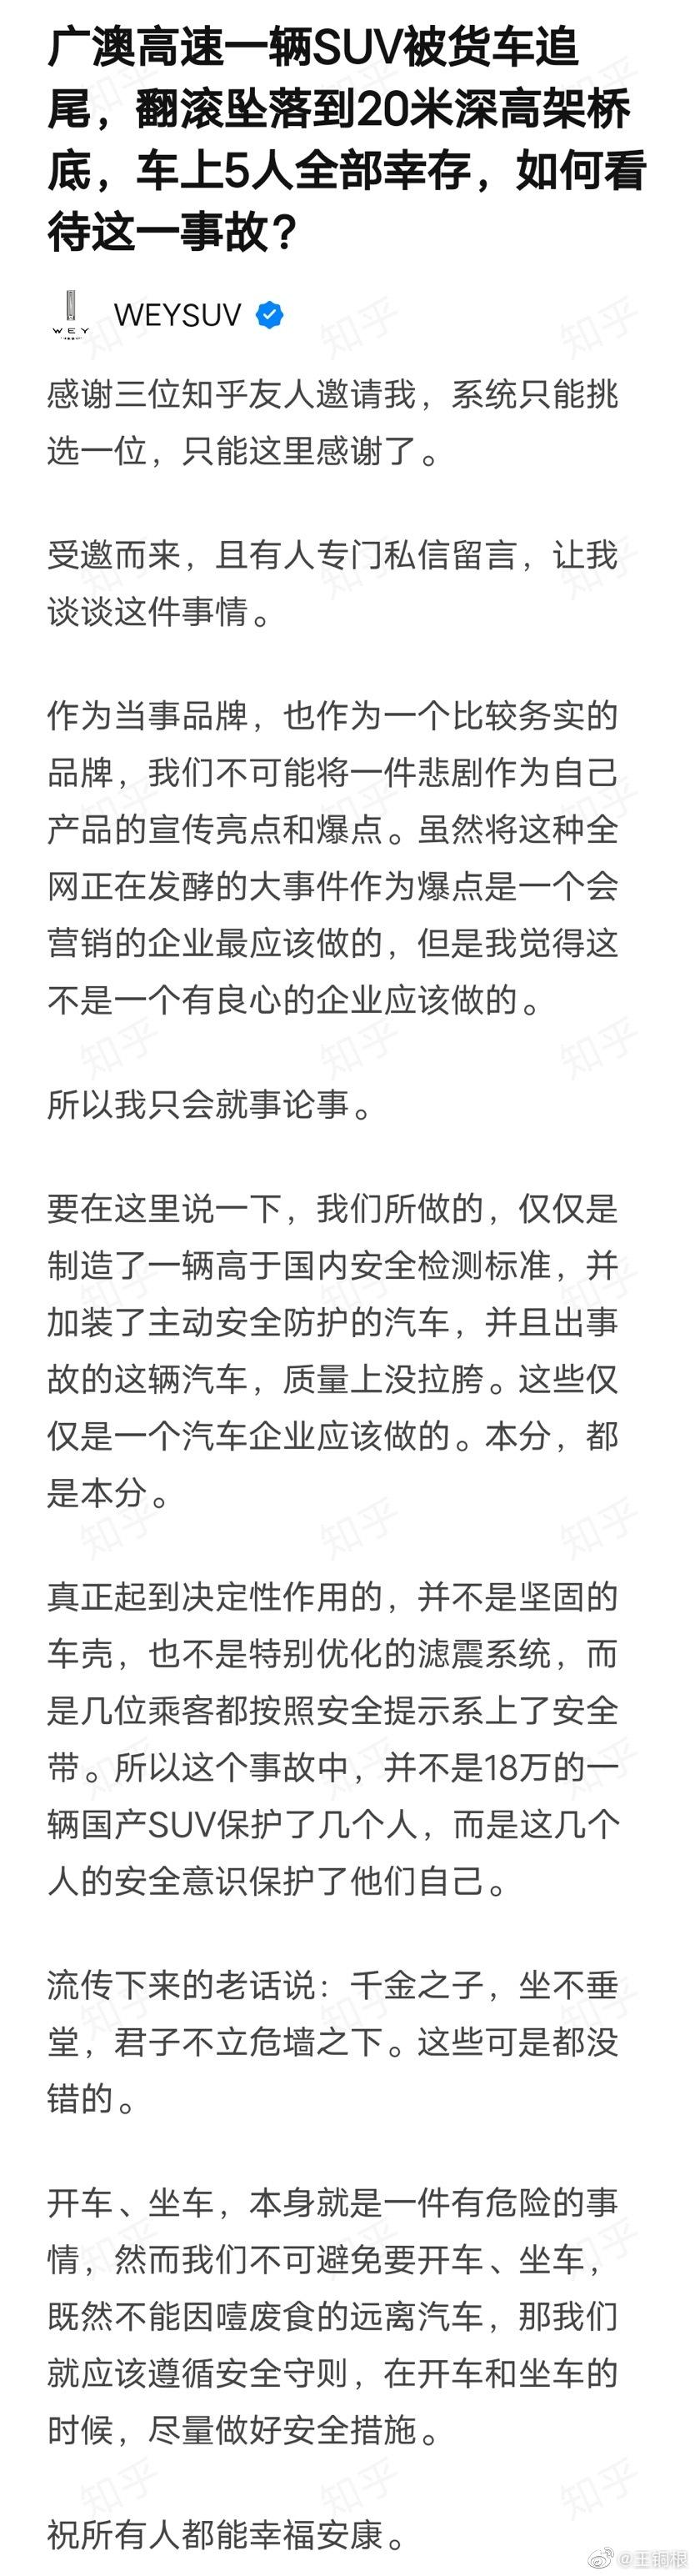 关于广澳高速车辆跌落桥底事件,长城WEY官方的答复令人感动